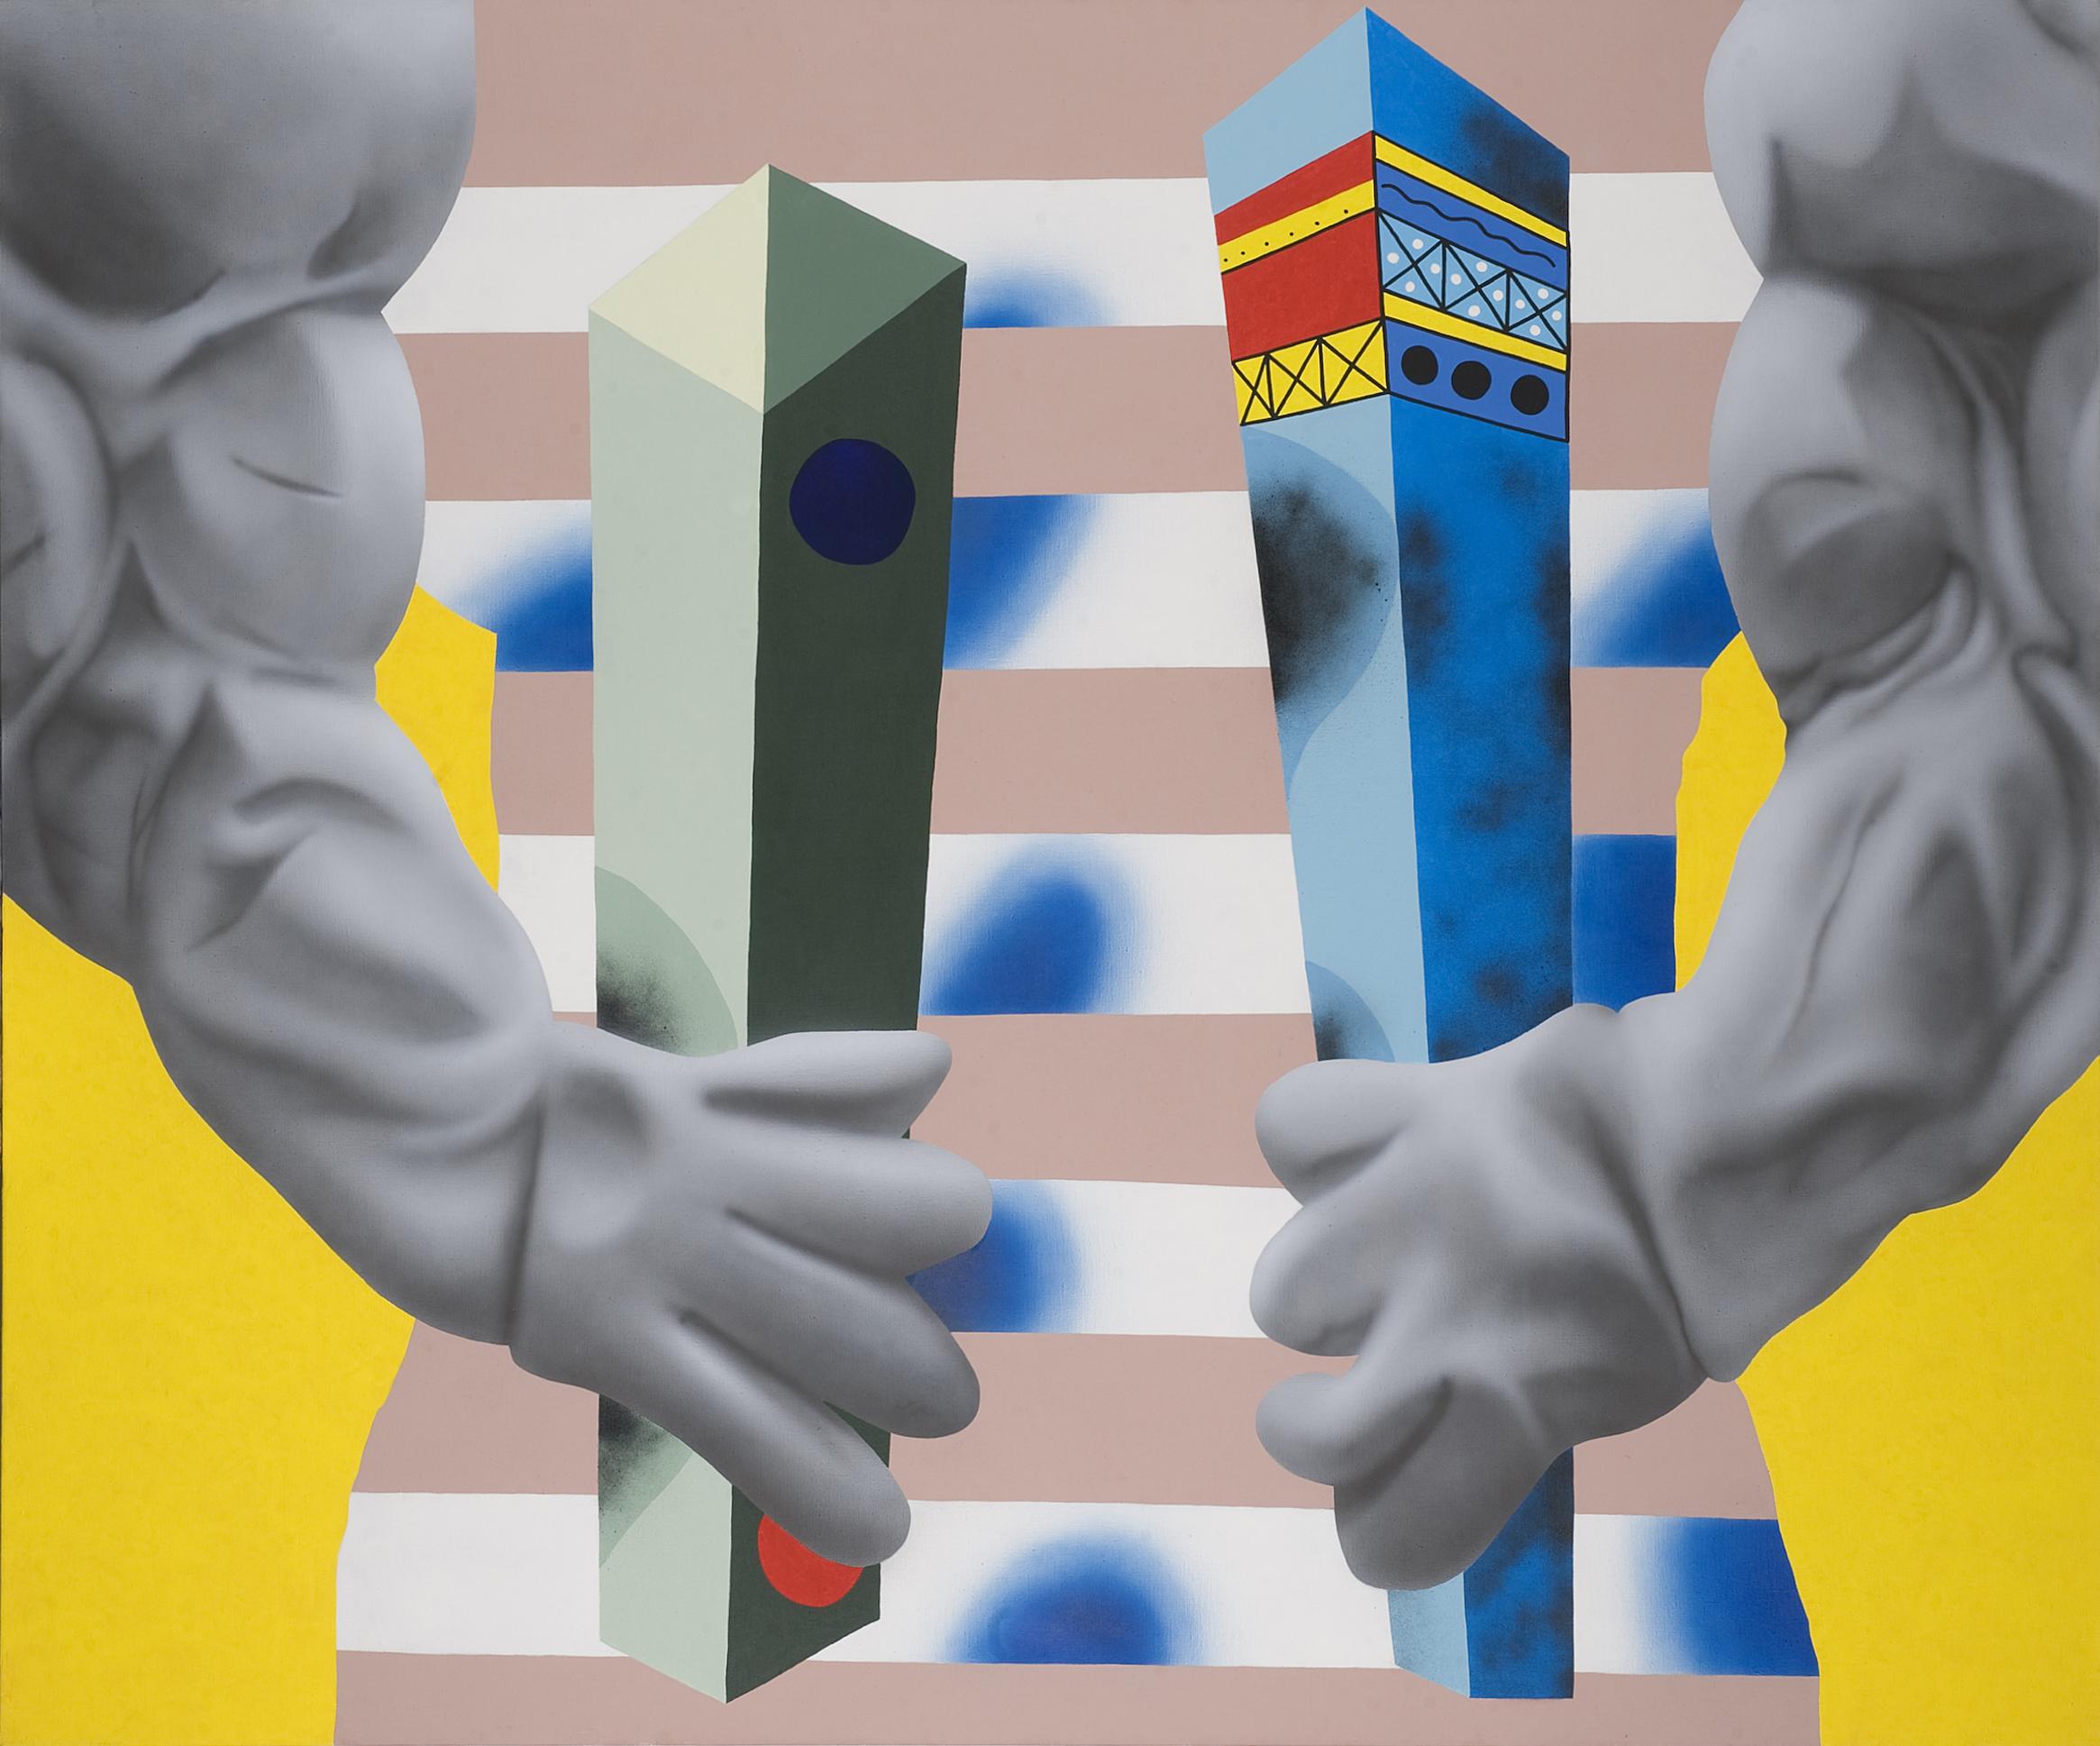 BCAA MAX, 2008, acrylic on canvas, 200 x 240 cm